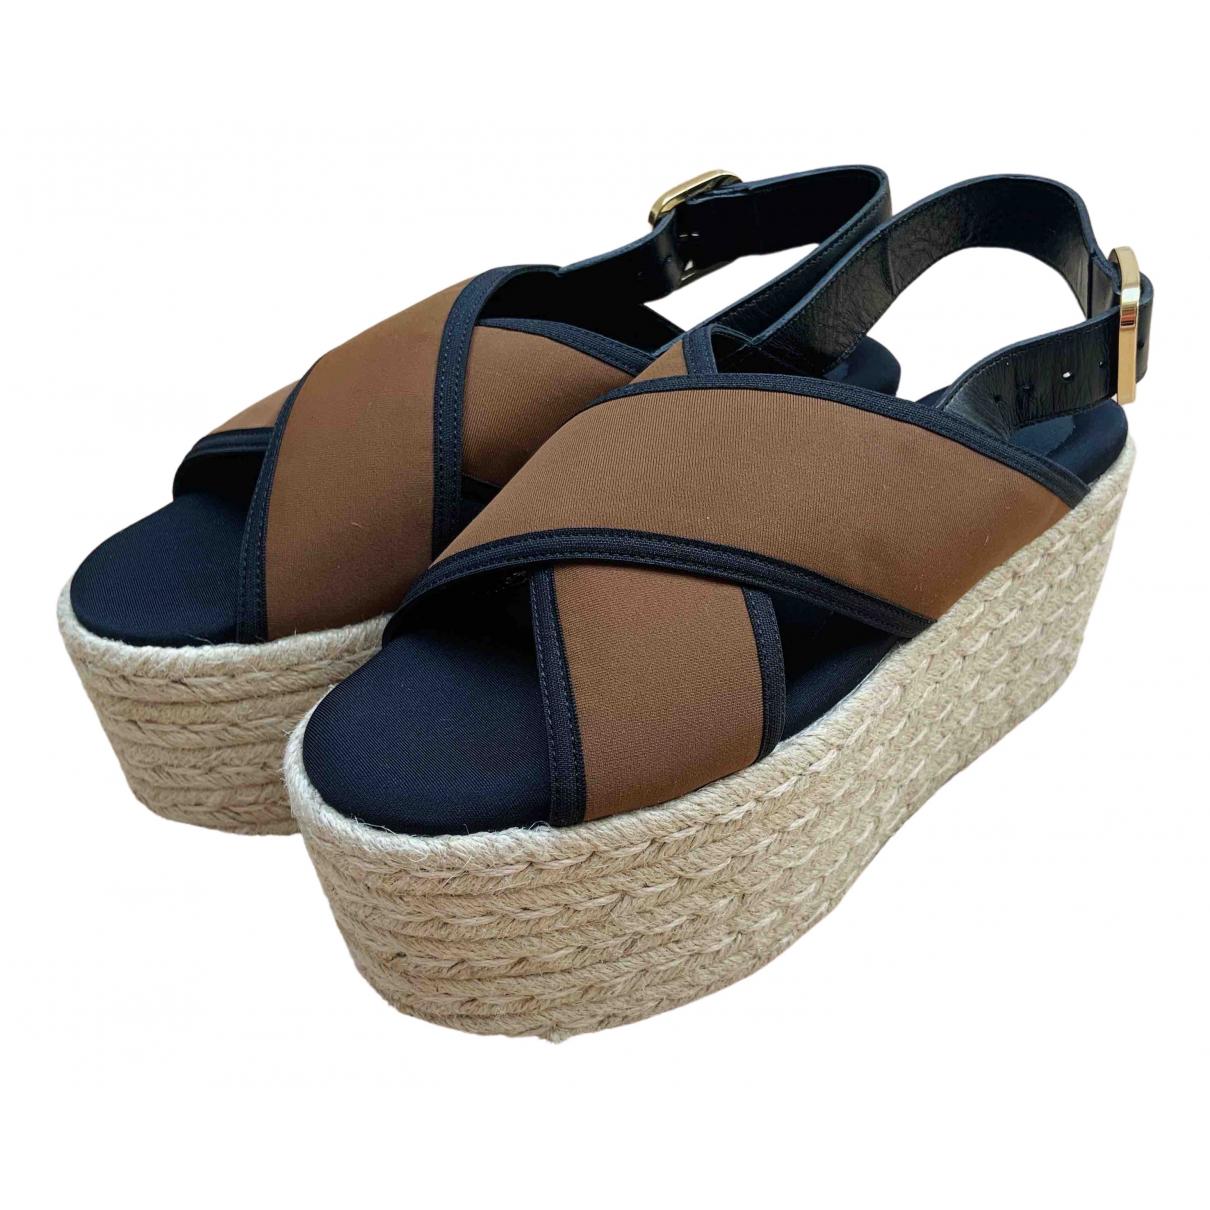 Sandalias romanas de Cuero Marni